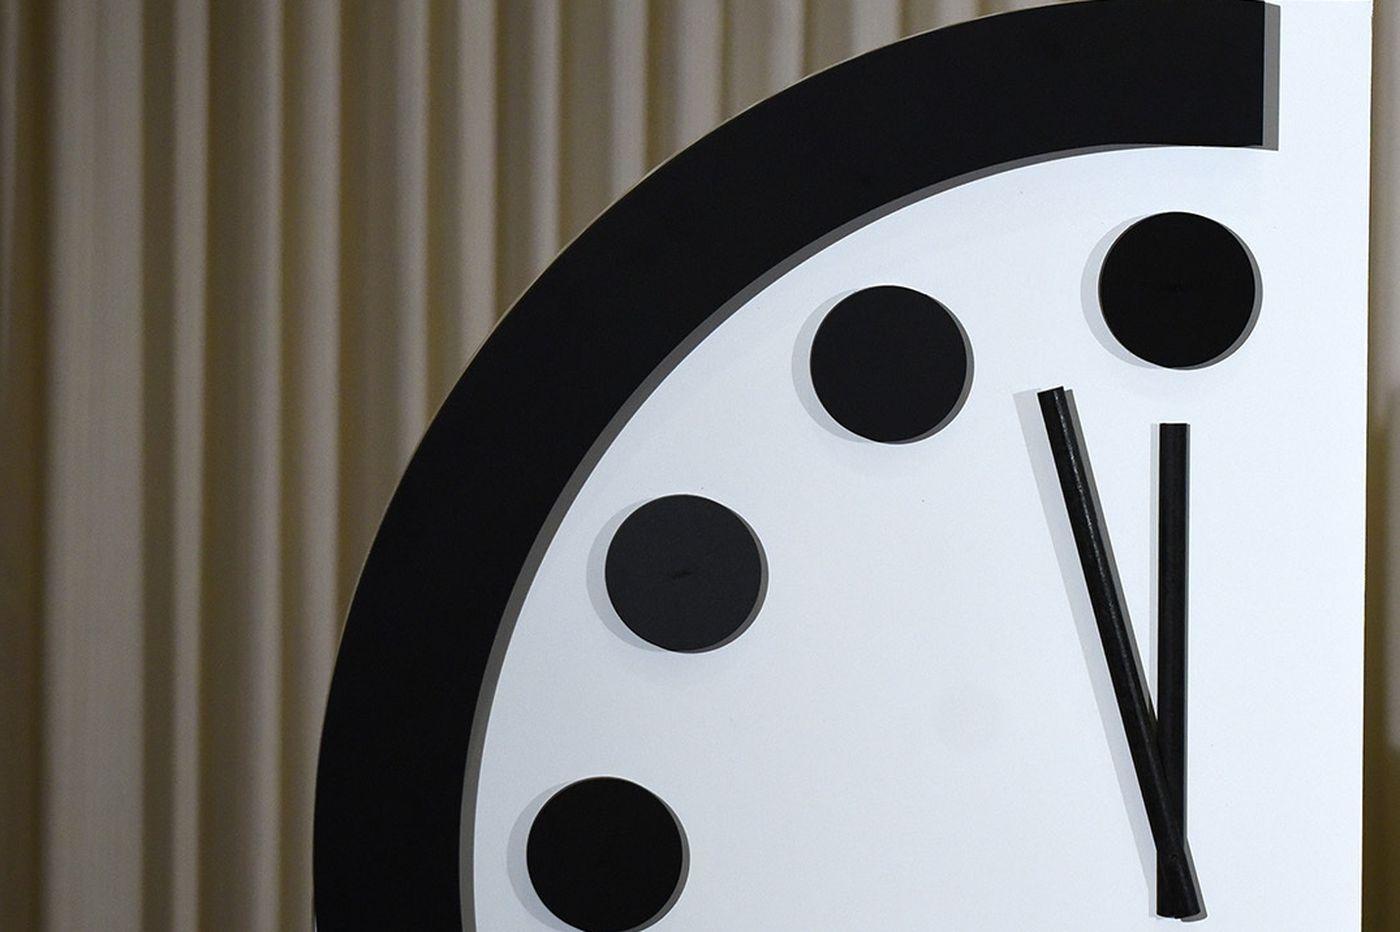 L'Orologio dell'Apocalisse è più vicino che mai alla mezzanotte thumbnail